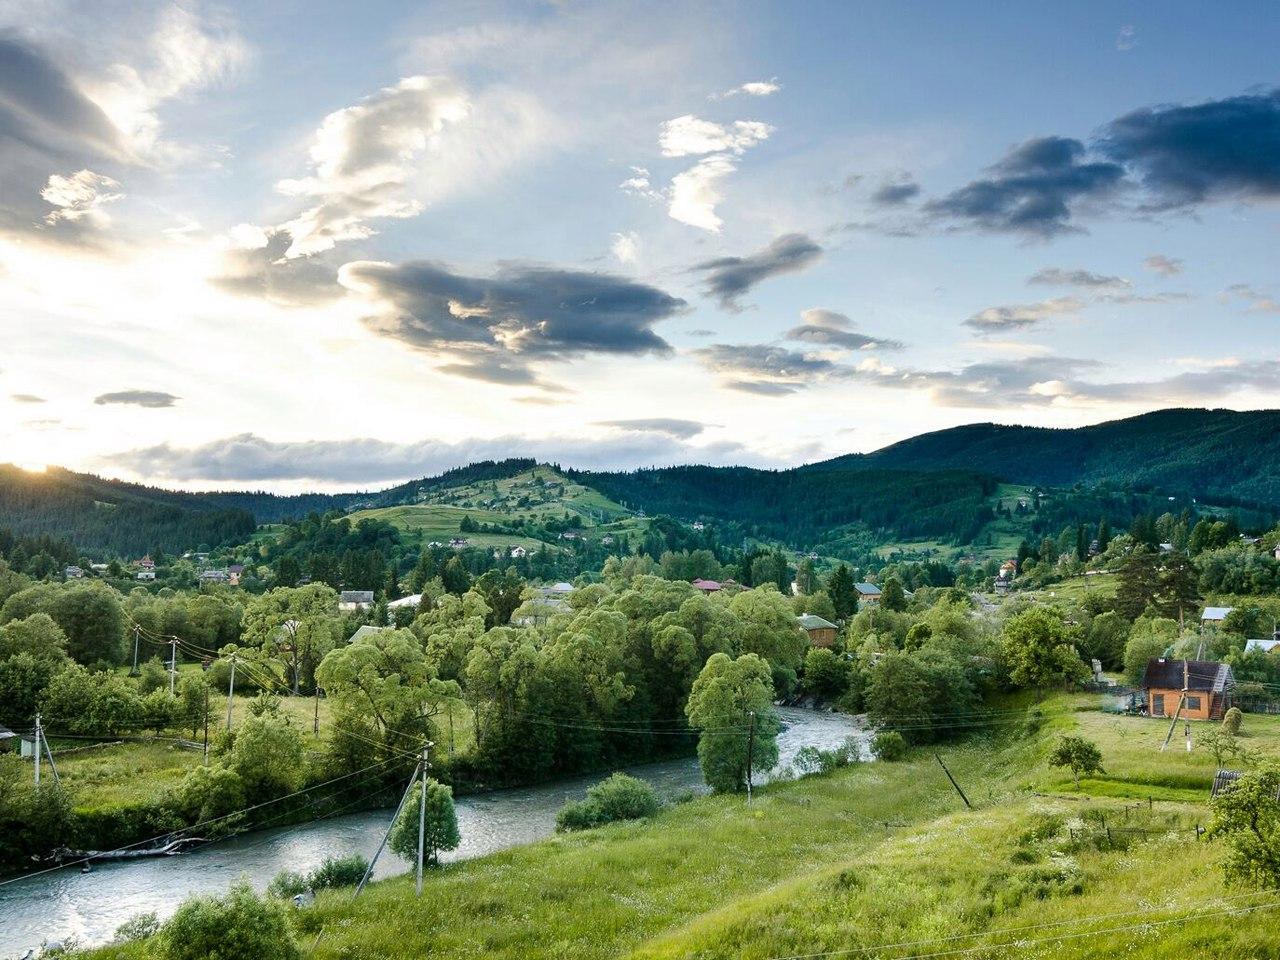 Річка Прут, село Ворохта © Yelisey Moroz